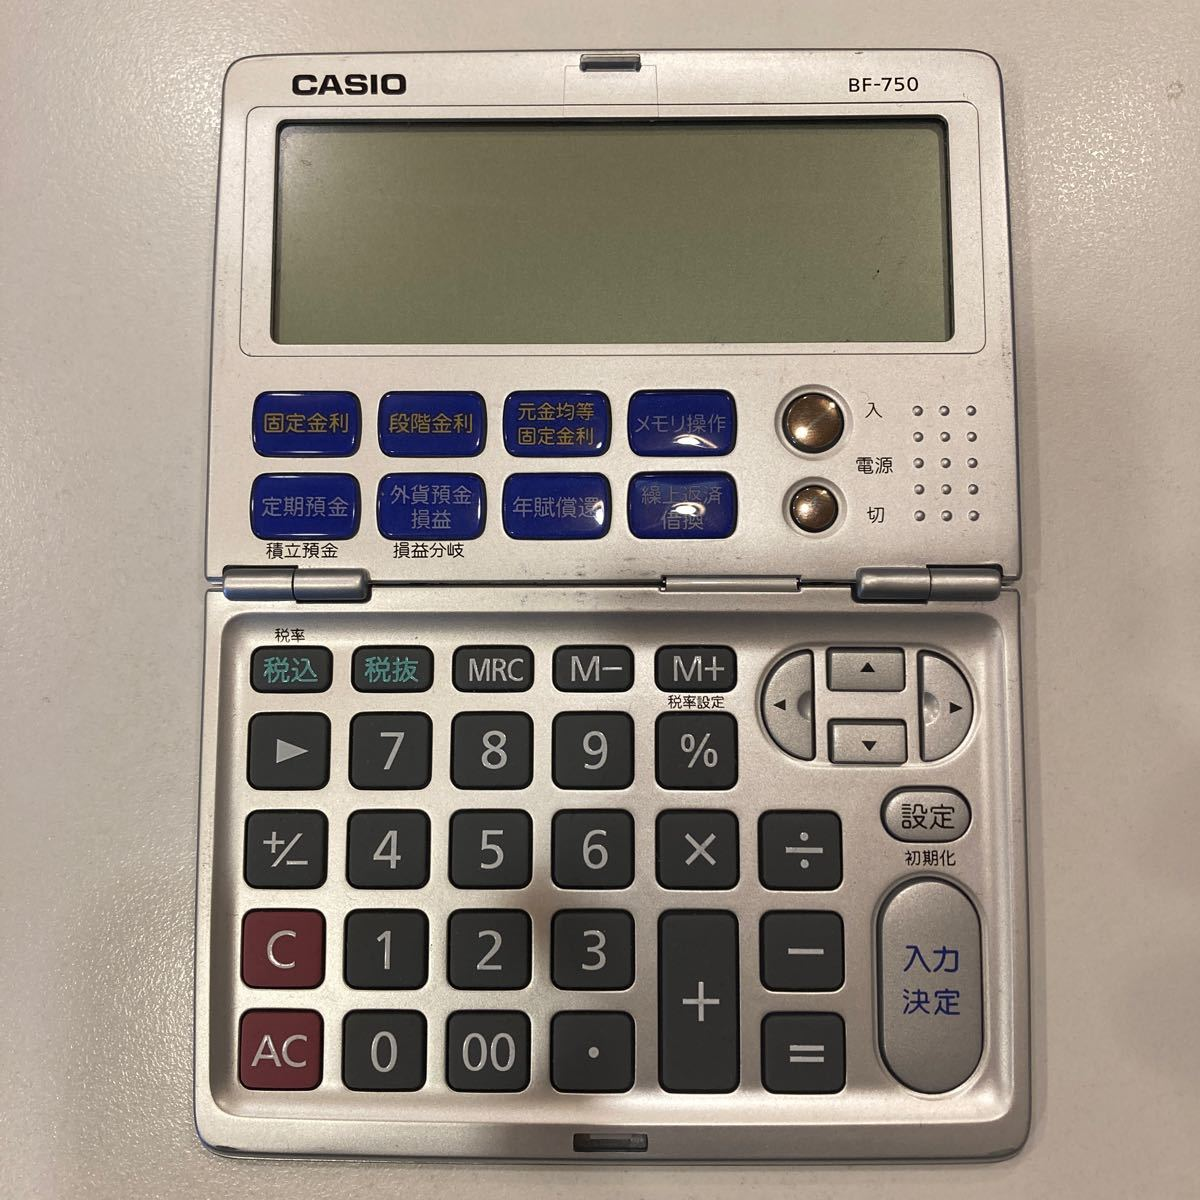 カシオ 金融電卓 折りたたみ CASIO 住宅ローン 計算機